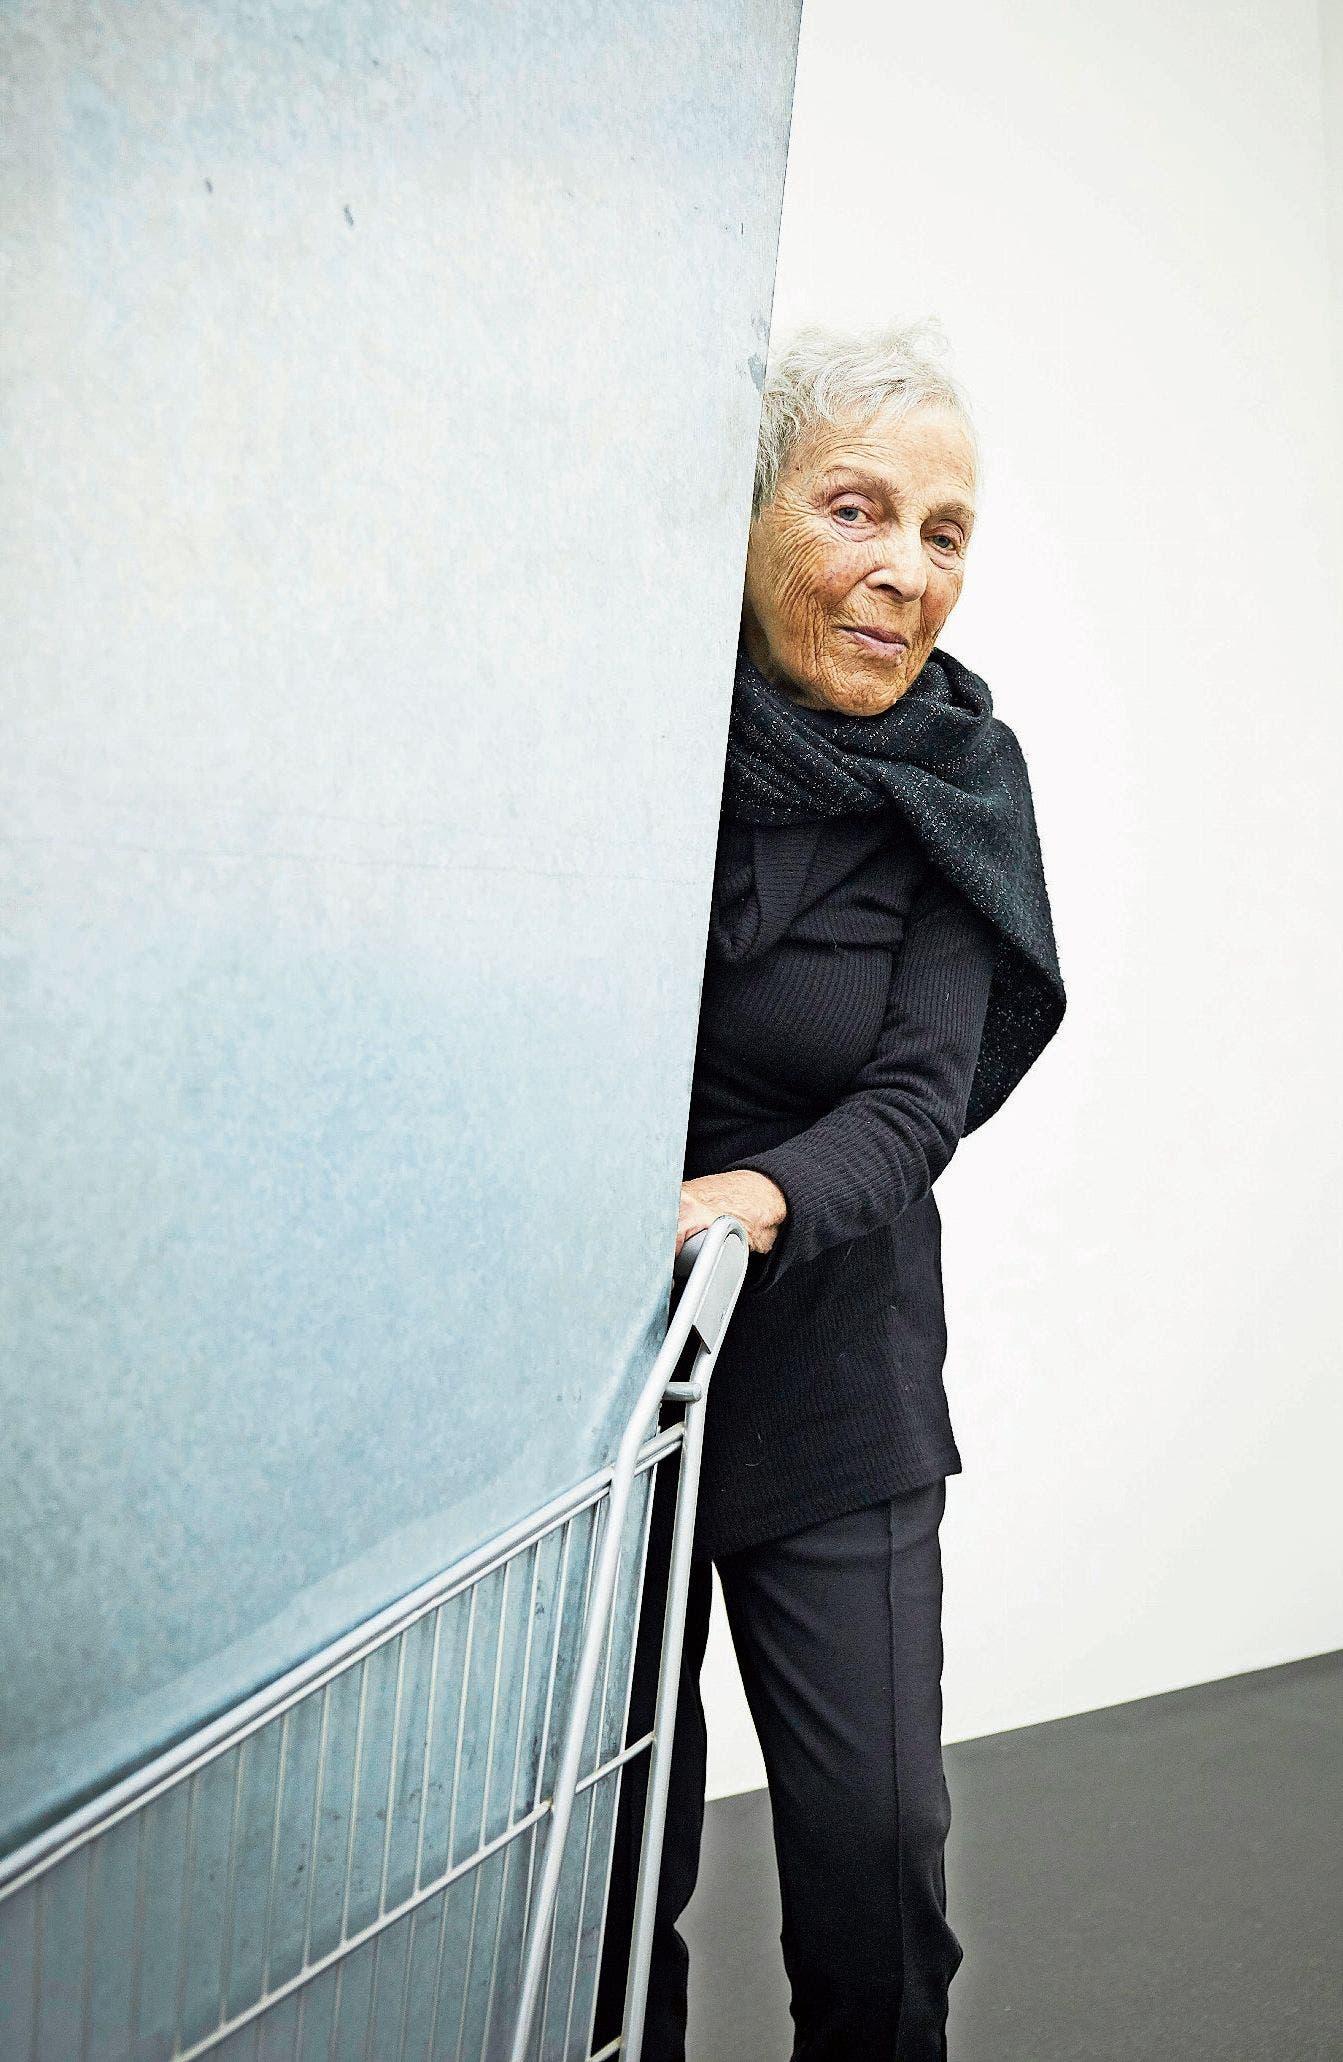 Die italienische Künstlerin Marion Baruch bei einem ihrer Werke, die im Kunstmuseum Luzern ausgestellt werden